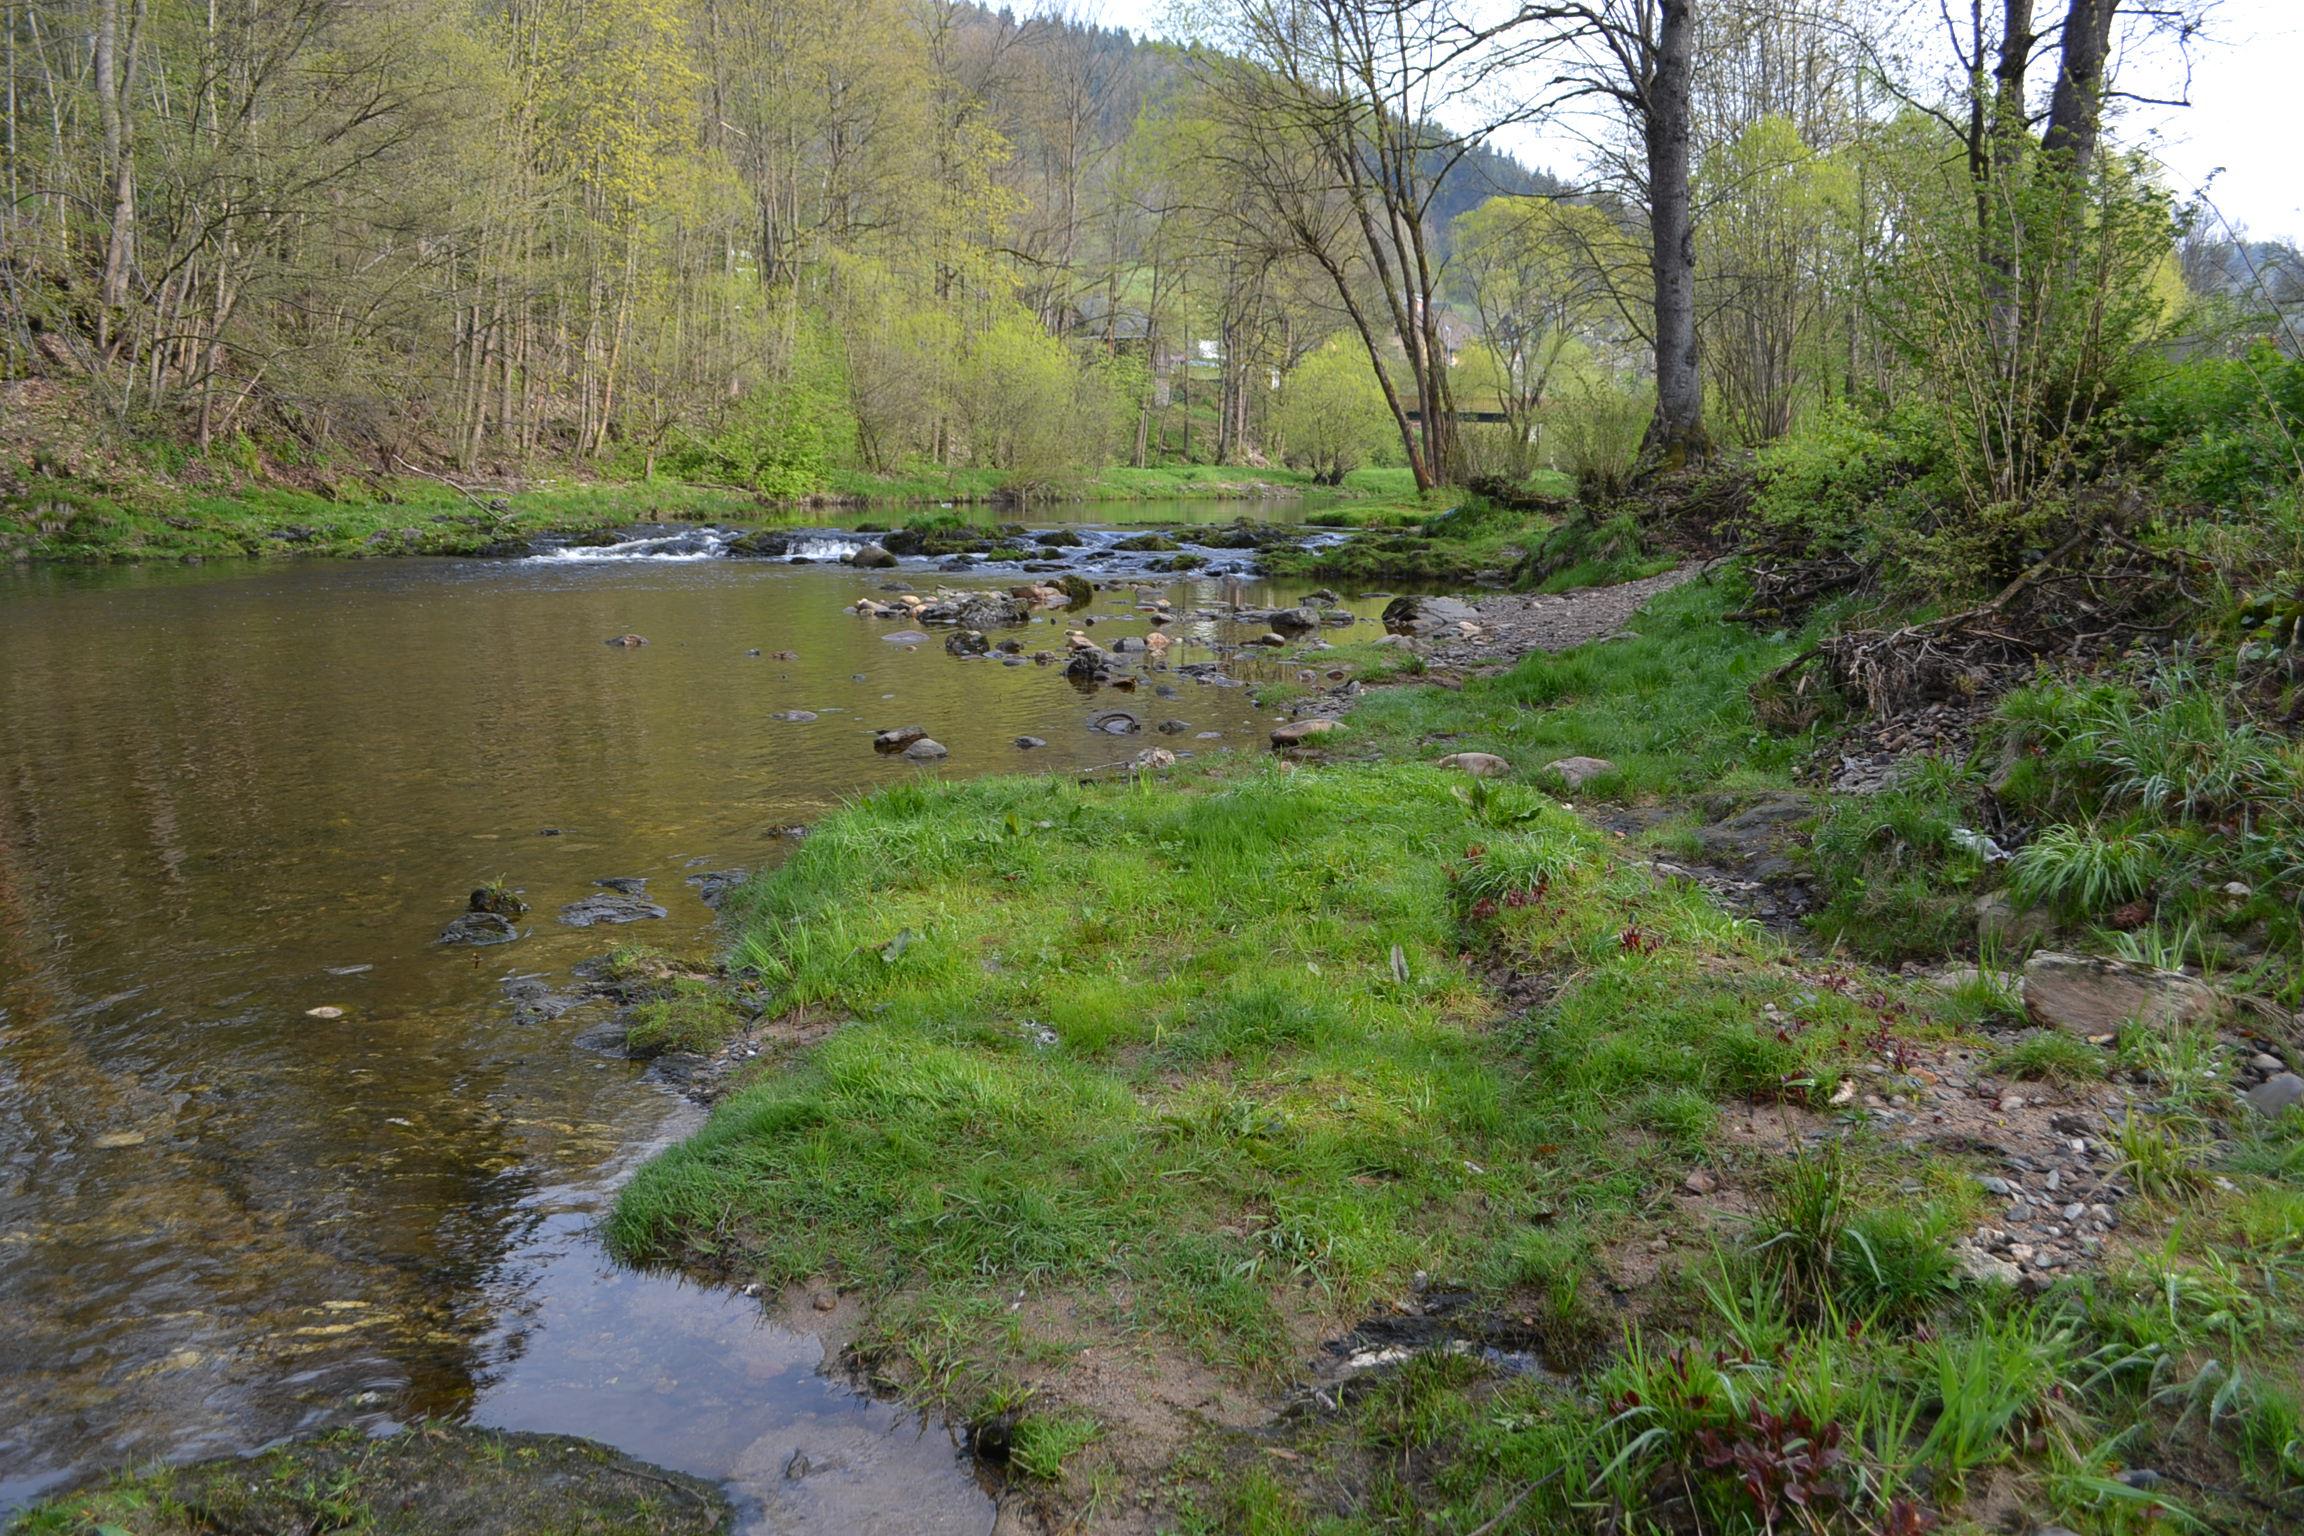 Krajina - Aby vítr šuměl v listovía voda klokotala v potocích